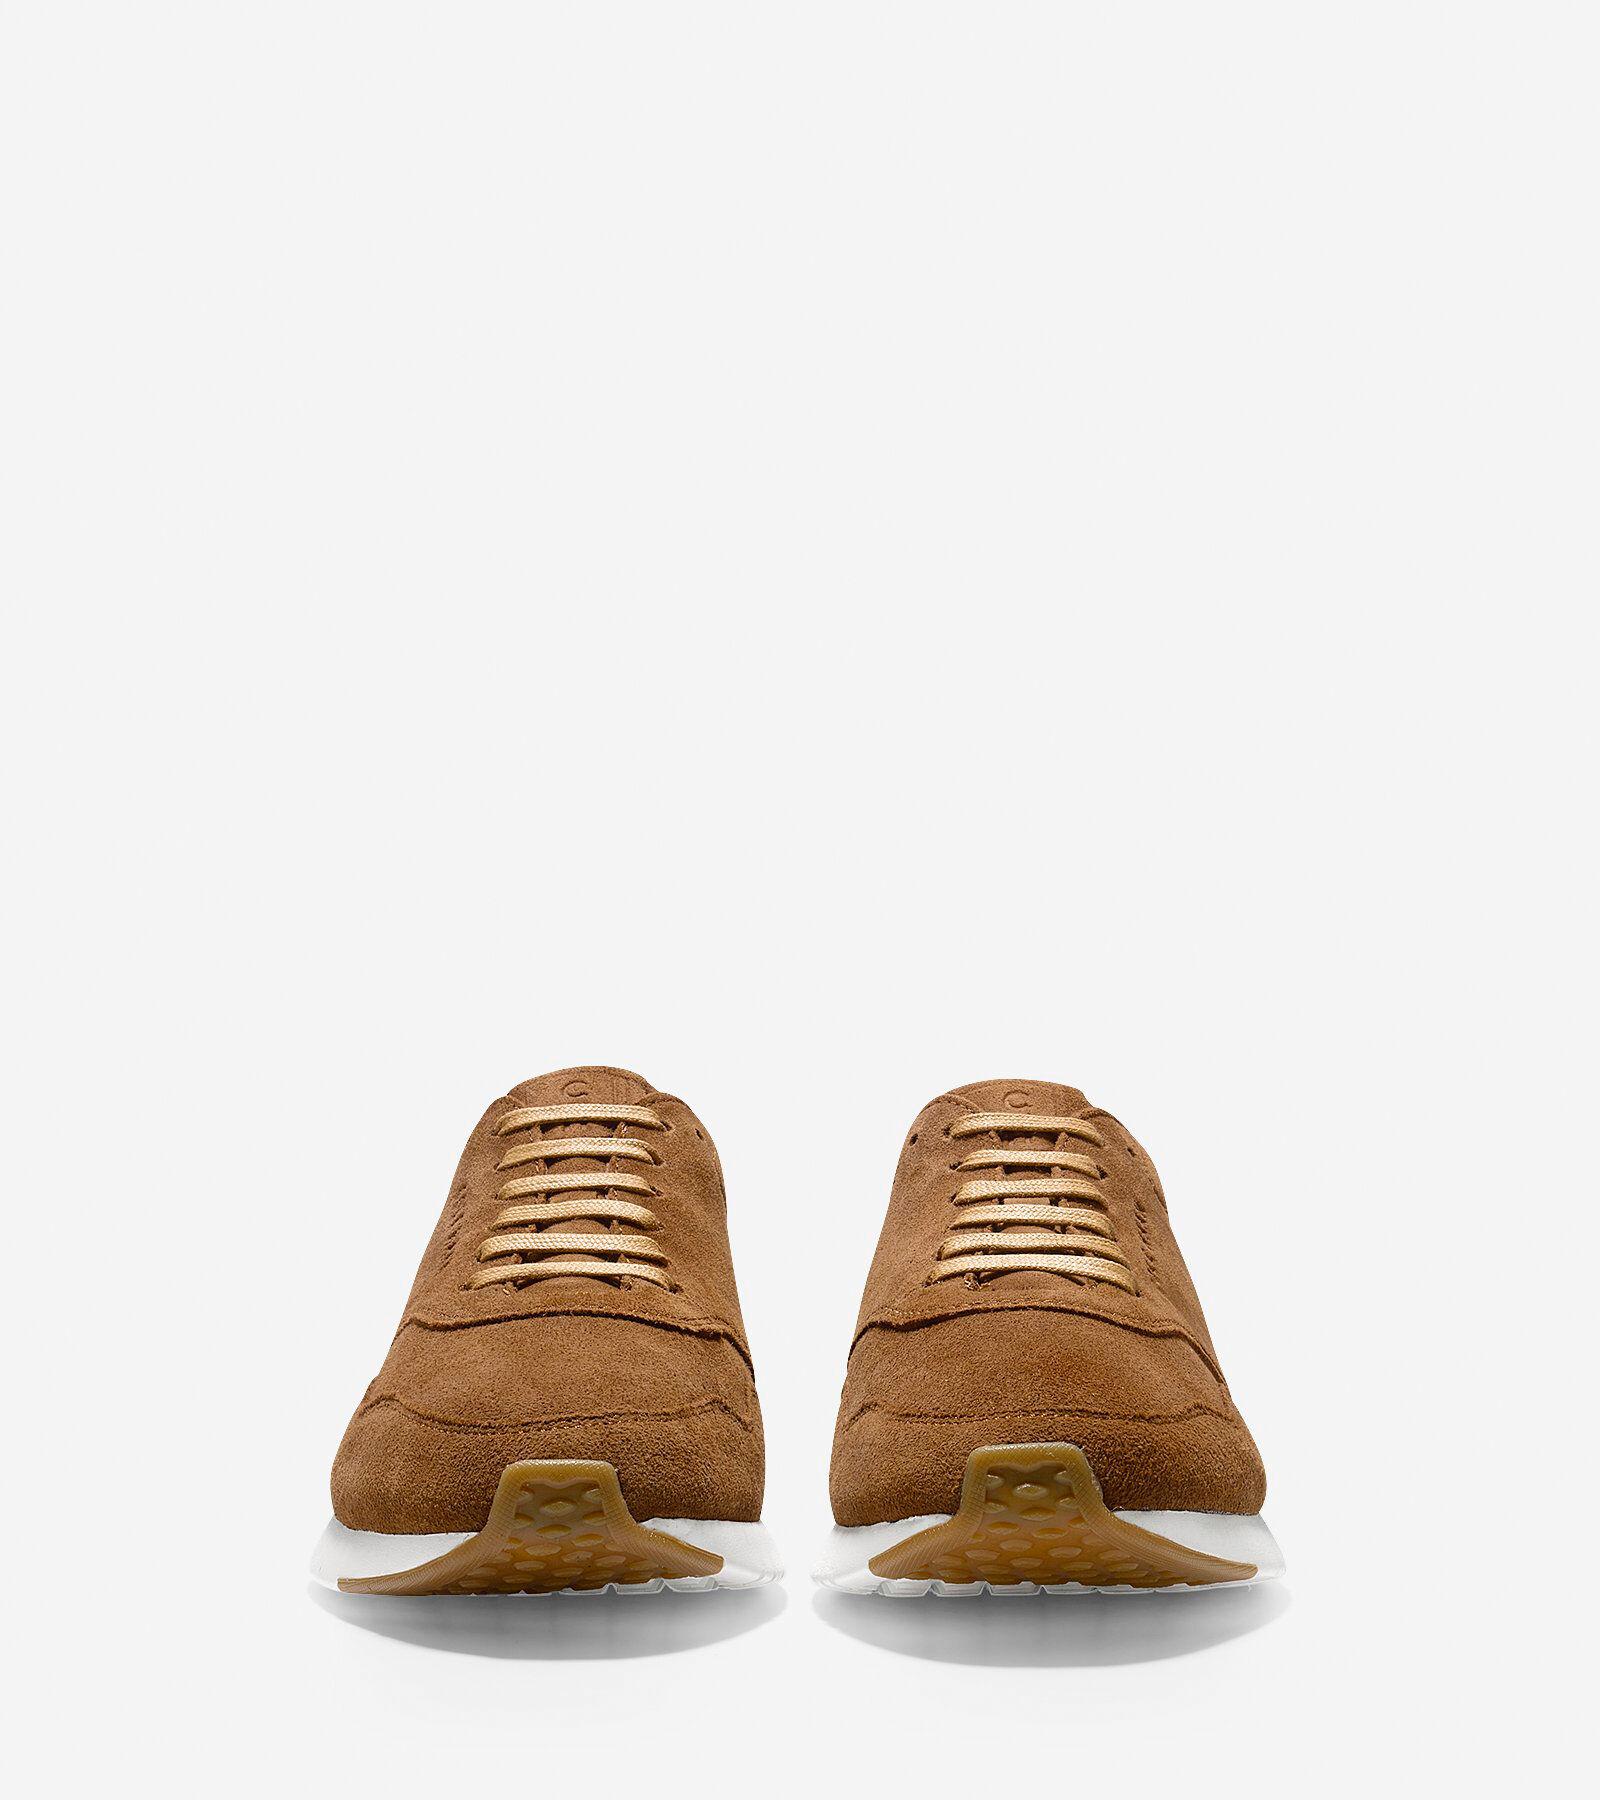 Cole Haan Men's Grandpr? Deconstructed Running Sneaker pY3mgD44Dq